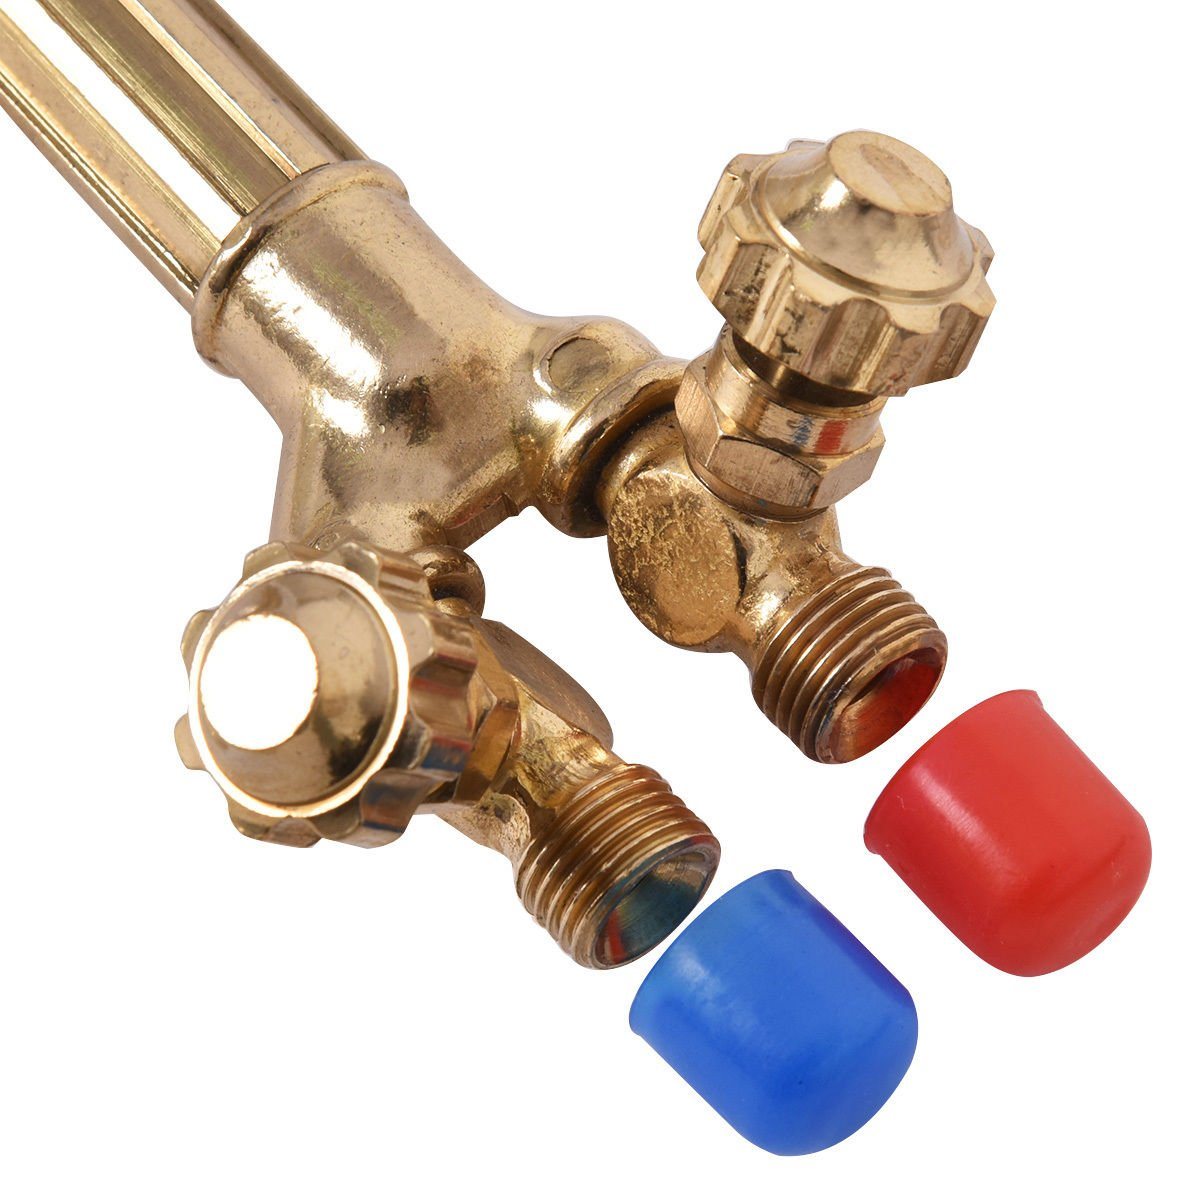 Goplus 10PCS Oxygen /& Acetylene Torch Kit Welding /& Cutting Gas Welder Tool Set w//Case